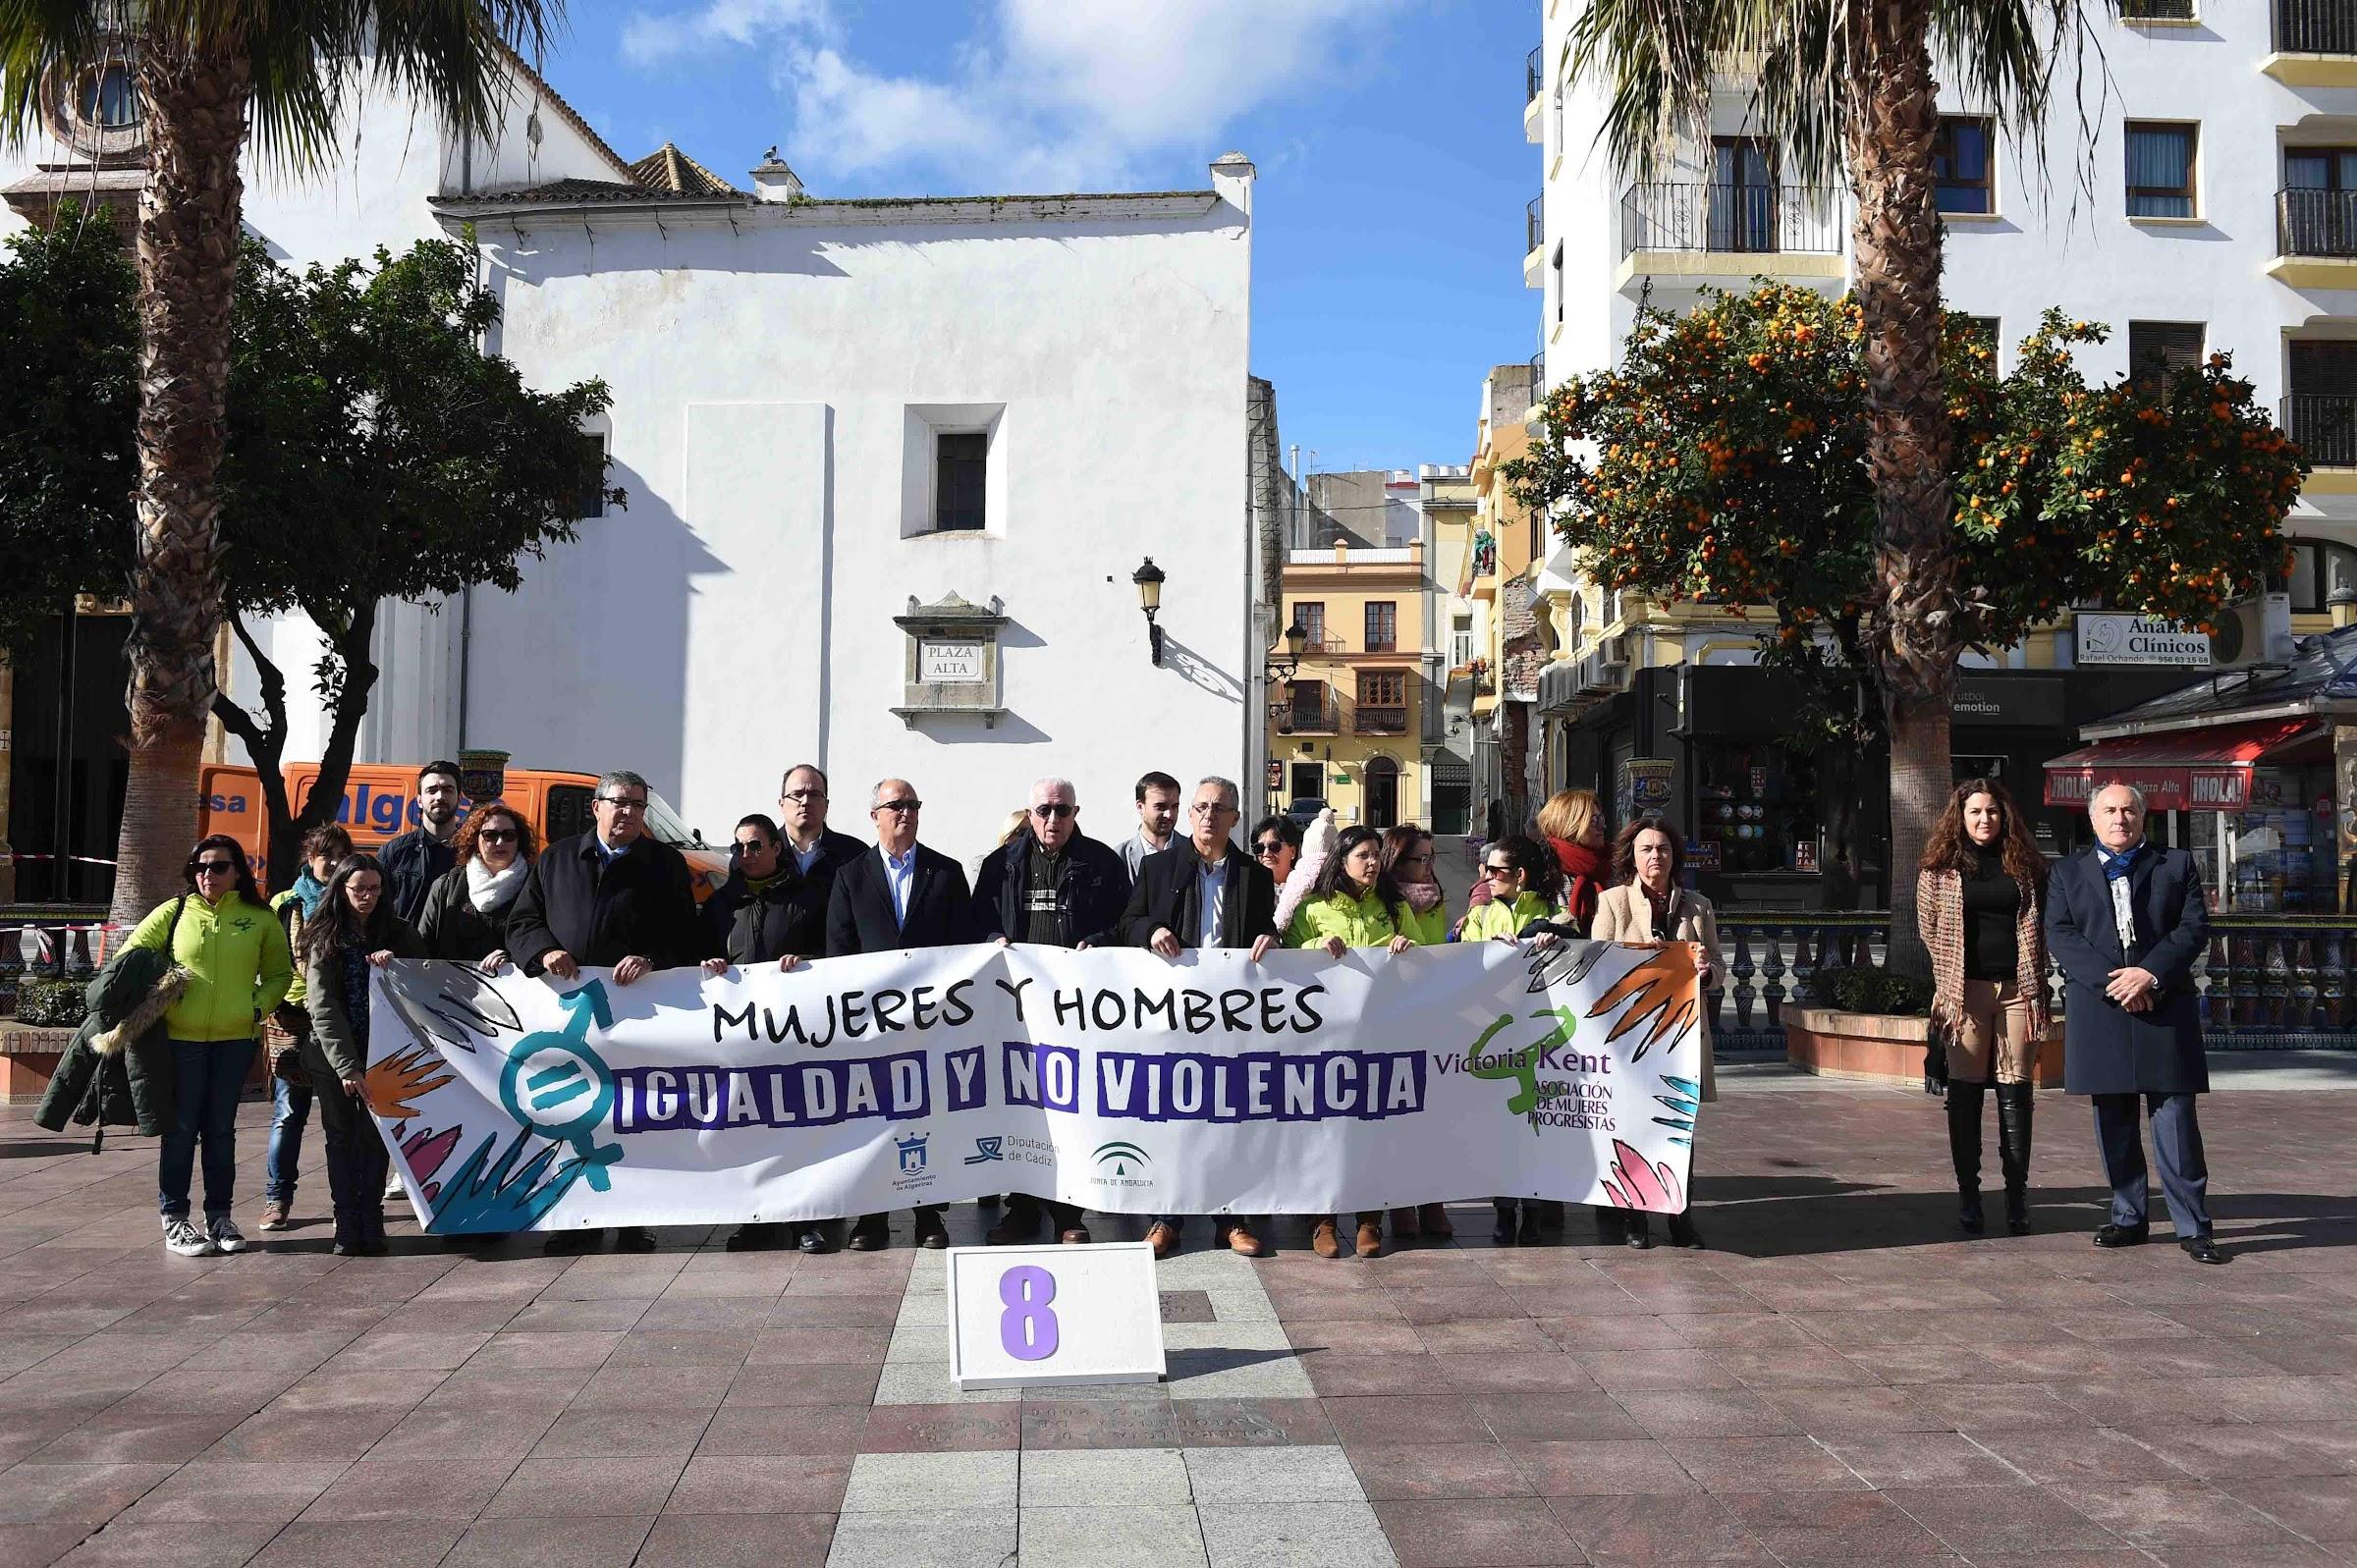 """La Asociación """"Victoria Kent"""" celebra una concentración en memoria de las víctimas de la violencia de género."""